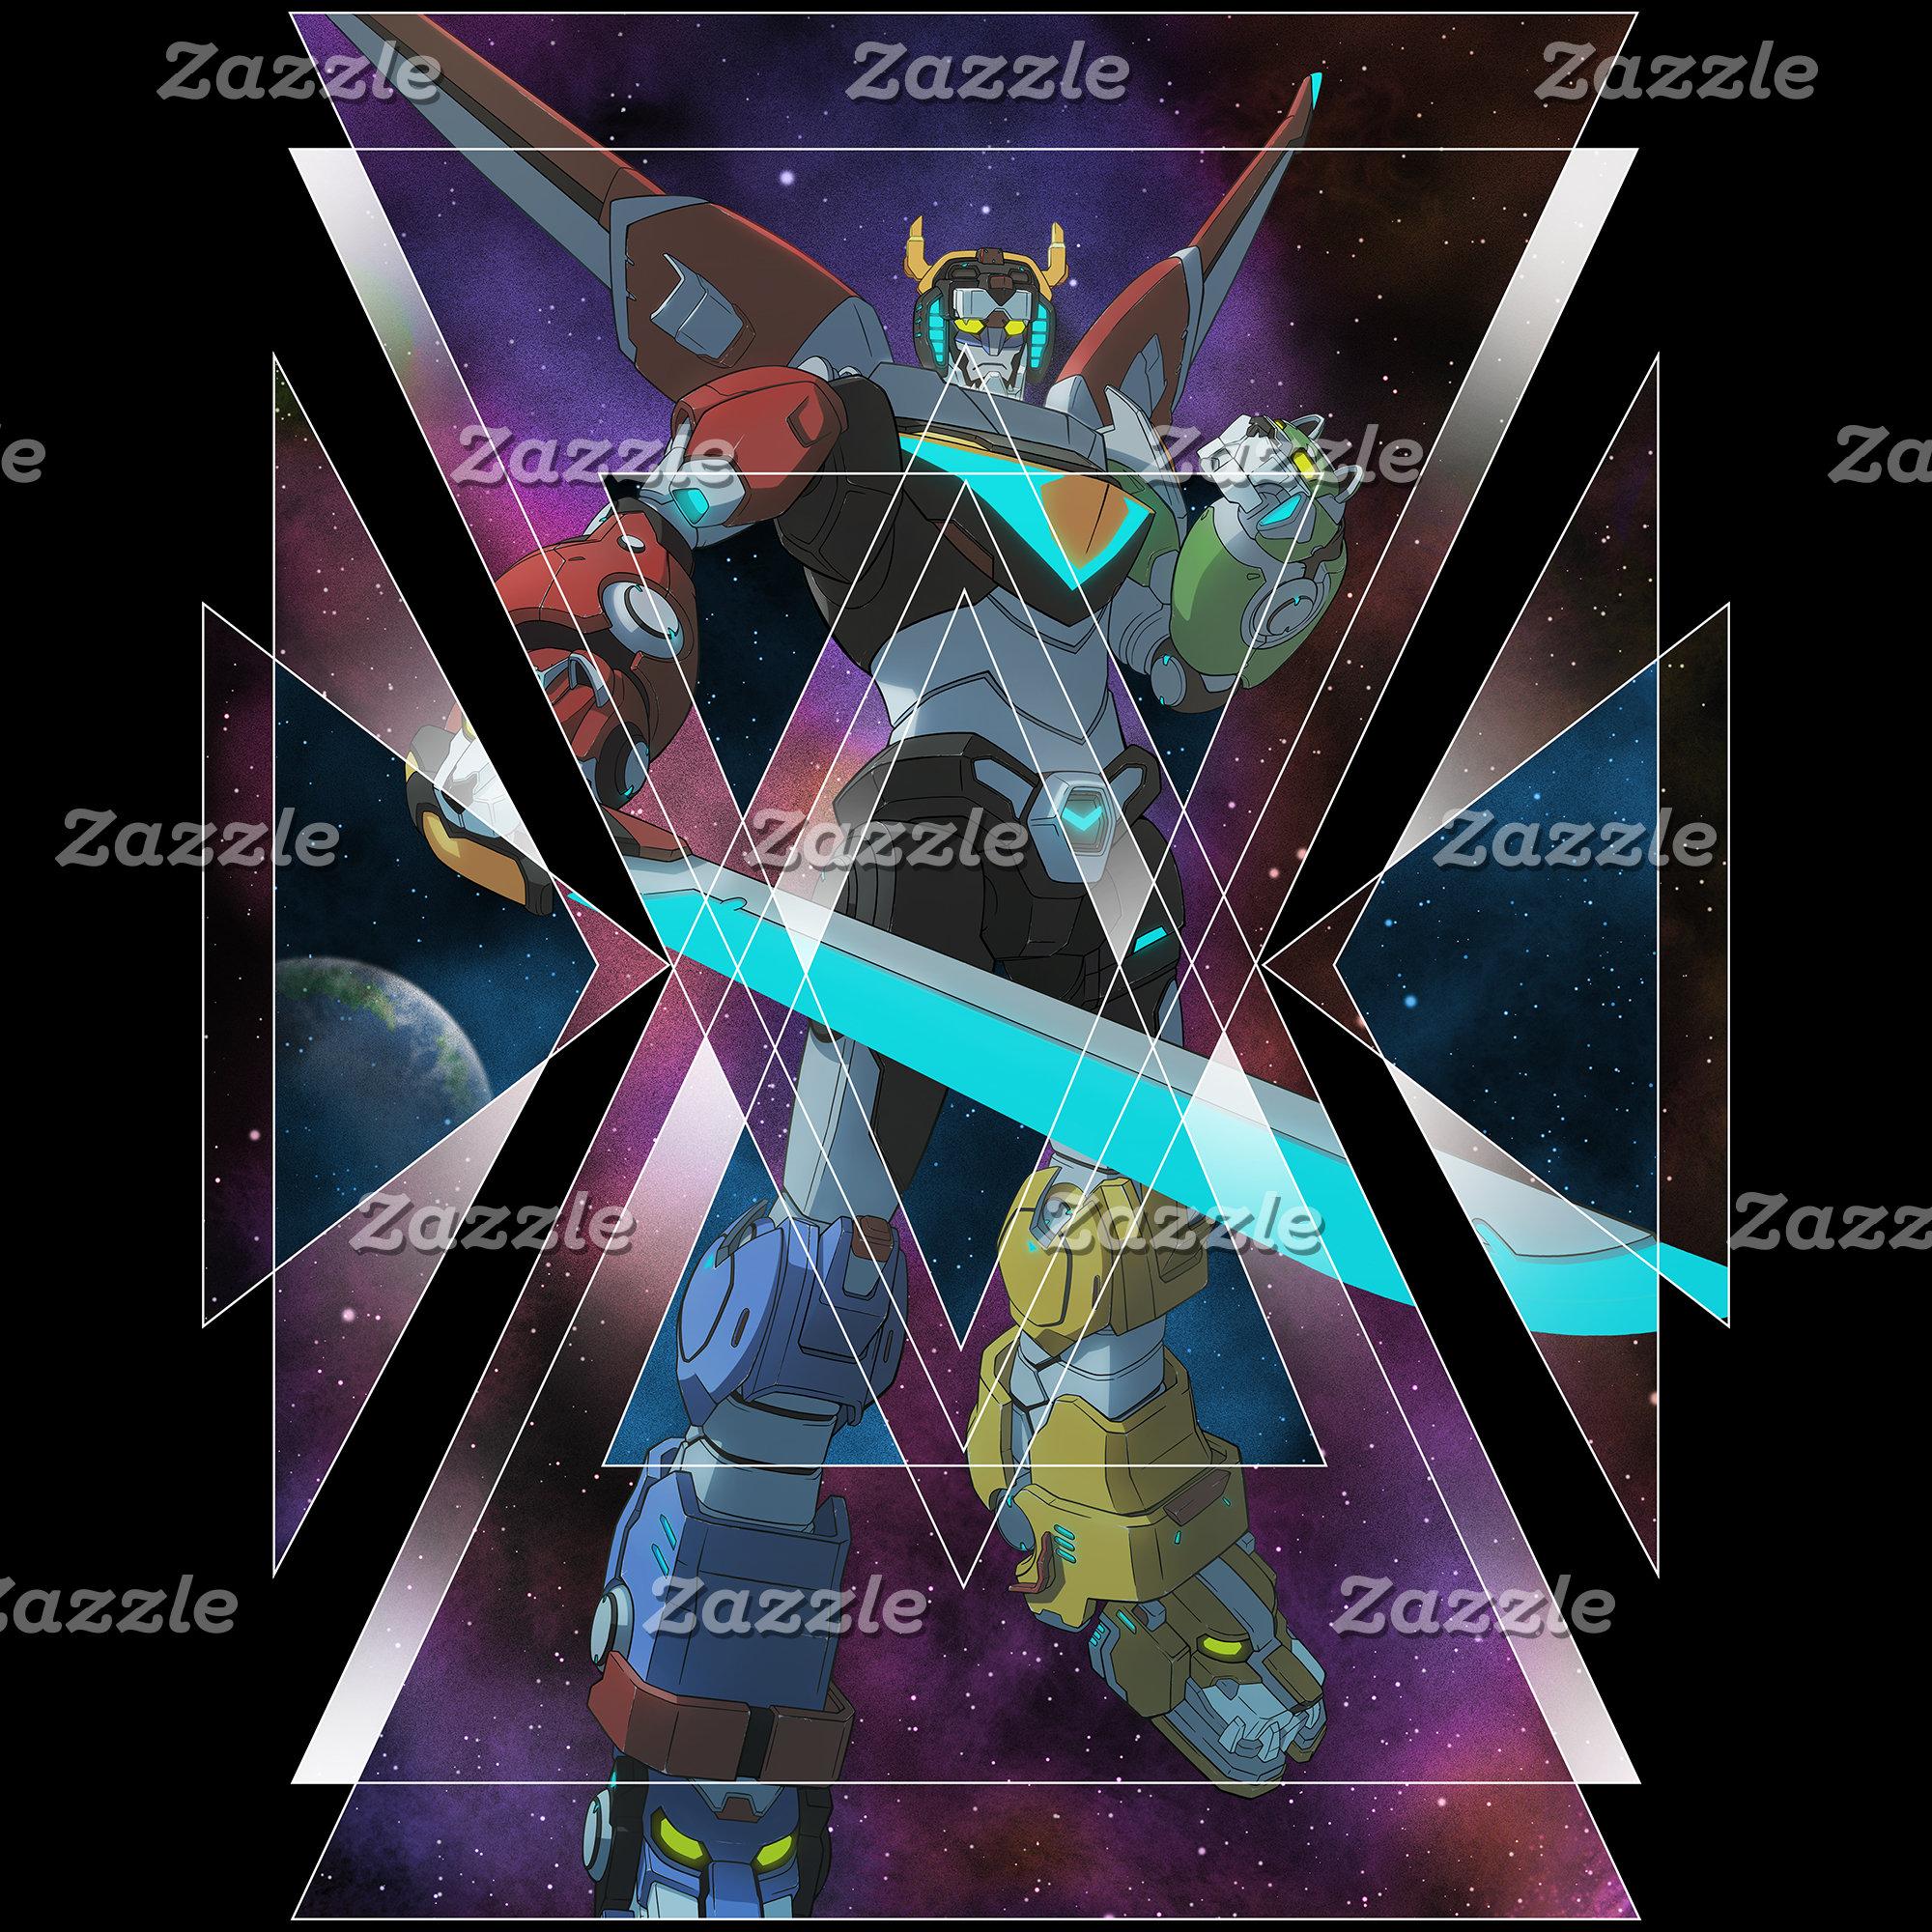 Voltron | Intergalactic Voltron Graphic